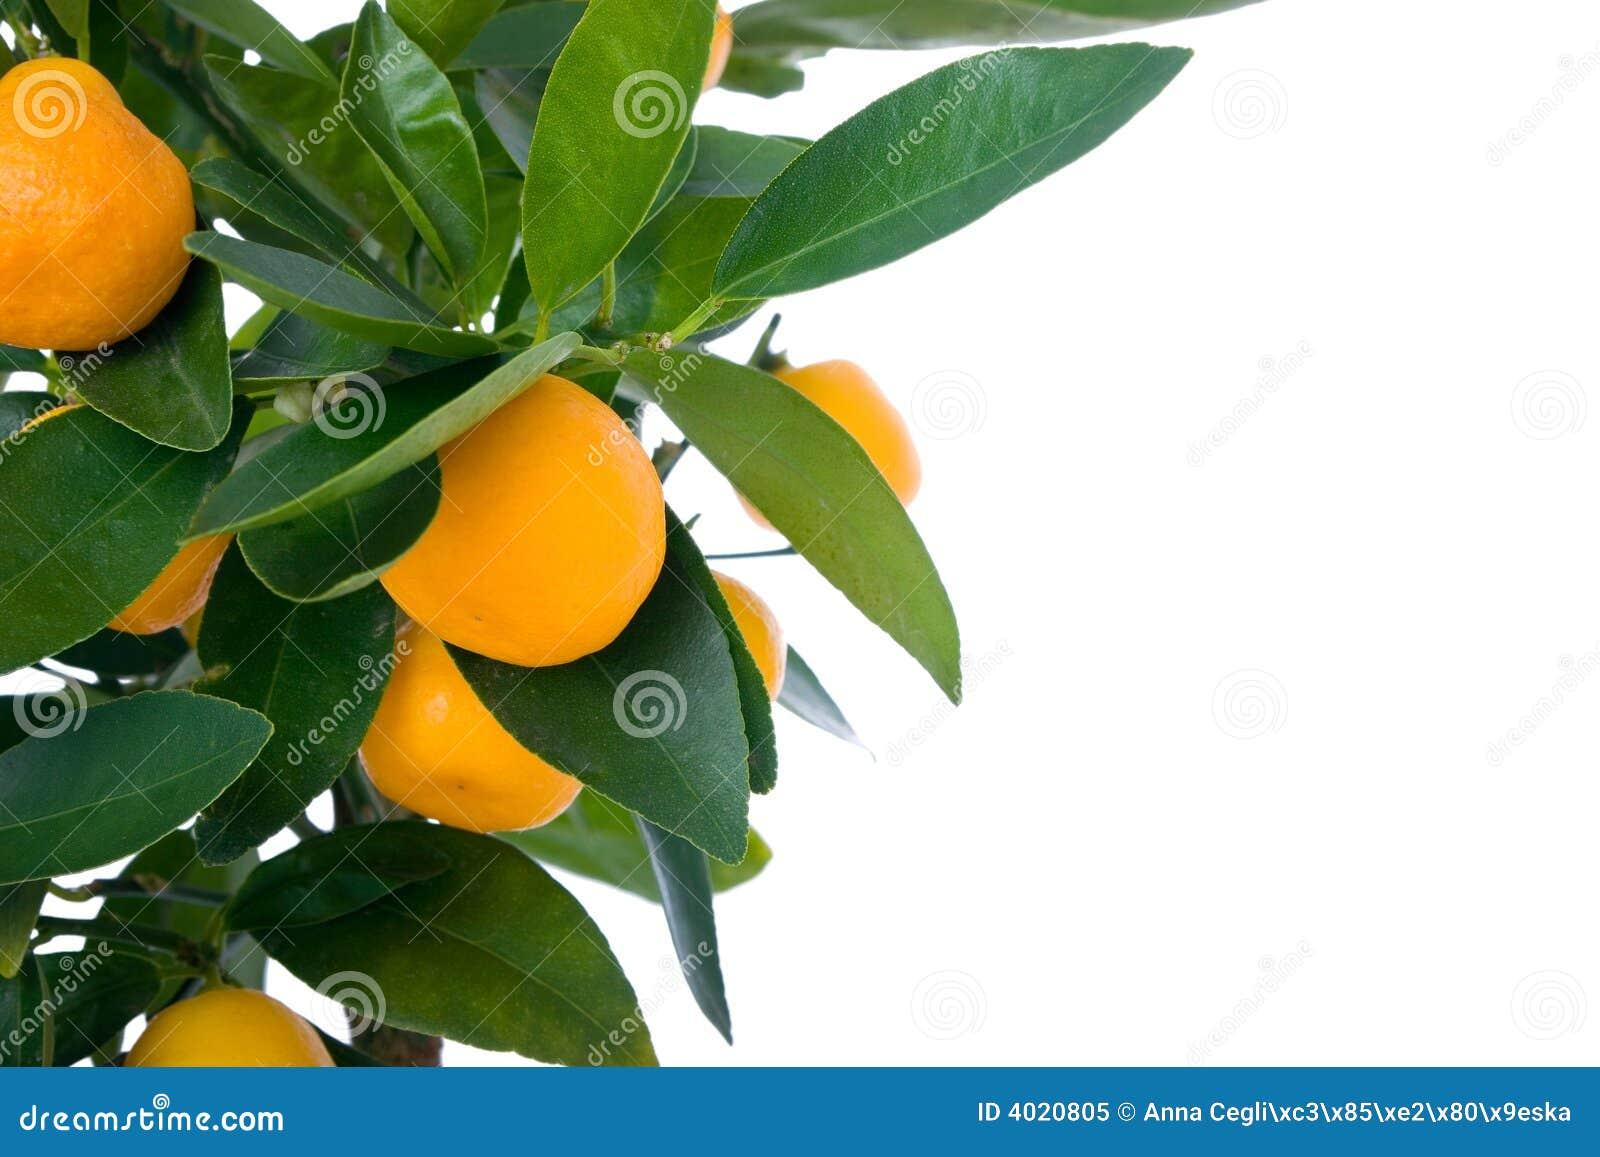 Owoce cytrusowe małe pomarańczowe